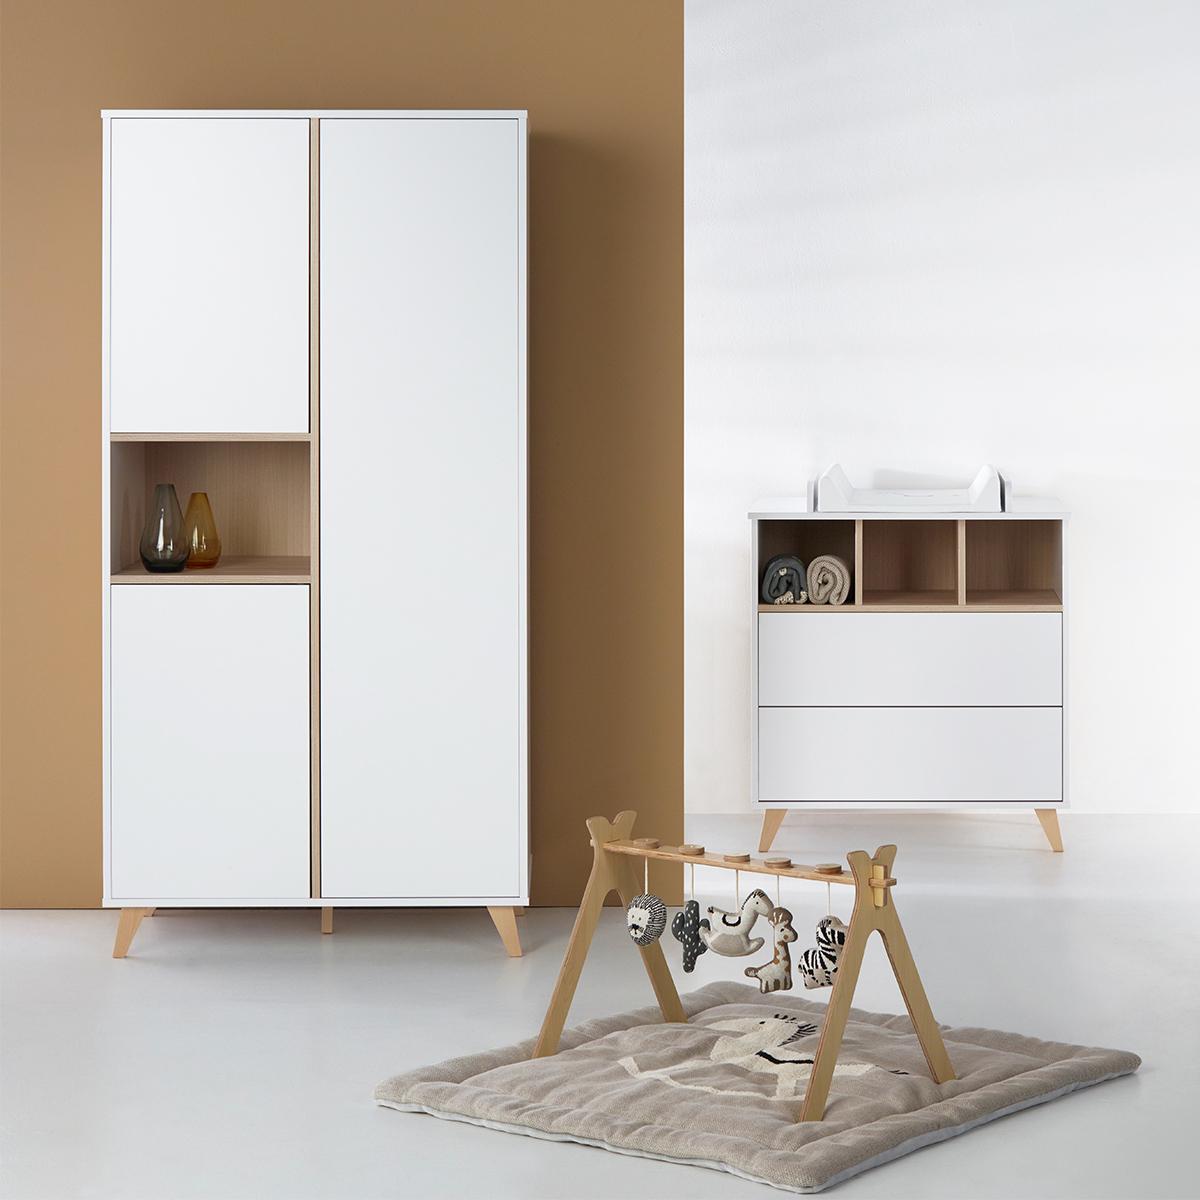 quax armoire 3 portes loft white armoire quax sur l. Black Bedroom Furniture Sets. Home Design Ideas